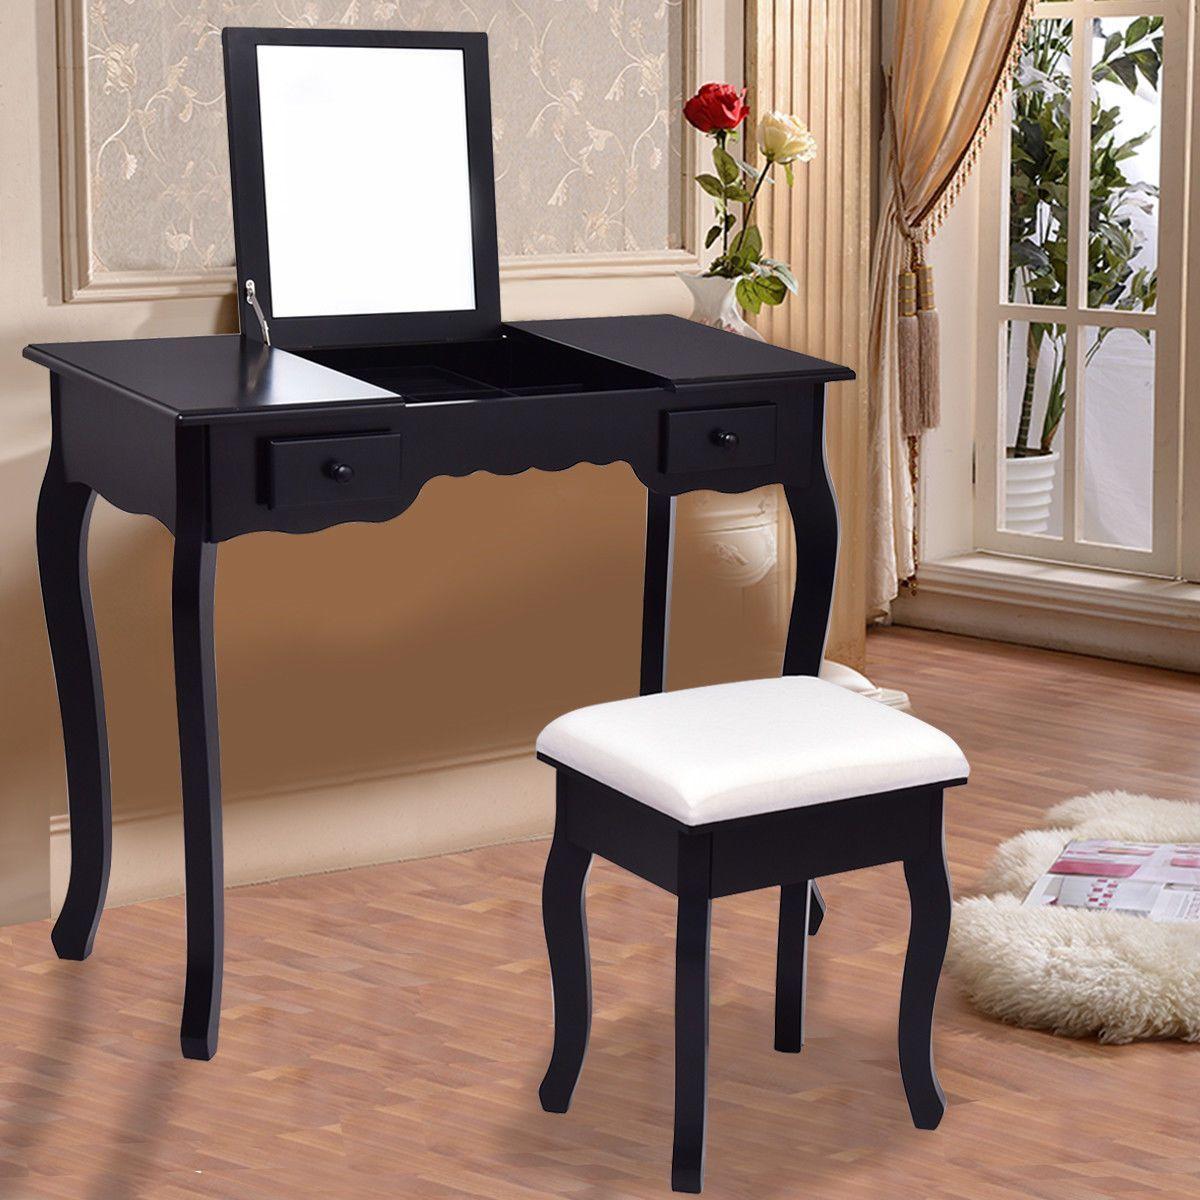 Best Giantex Modern Vanity Dressing Table Set Mirrored Bathroom 400 x 300